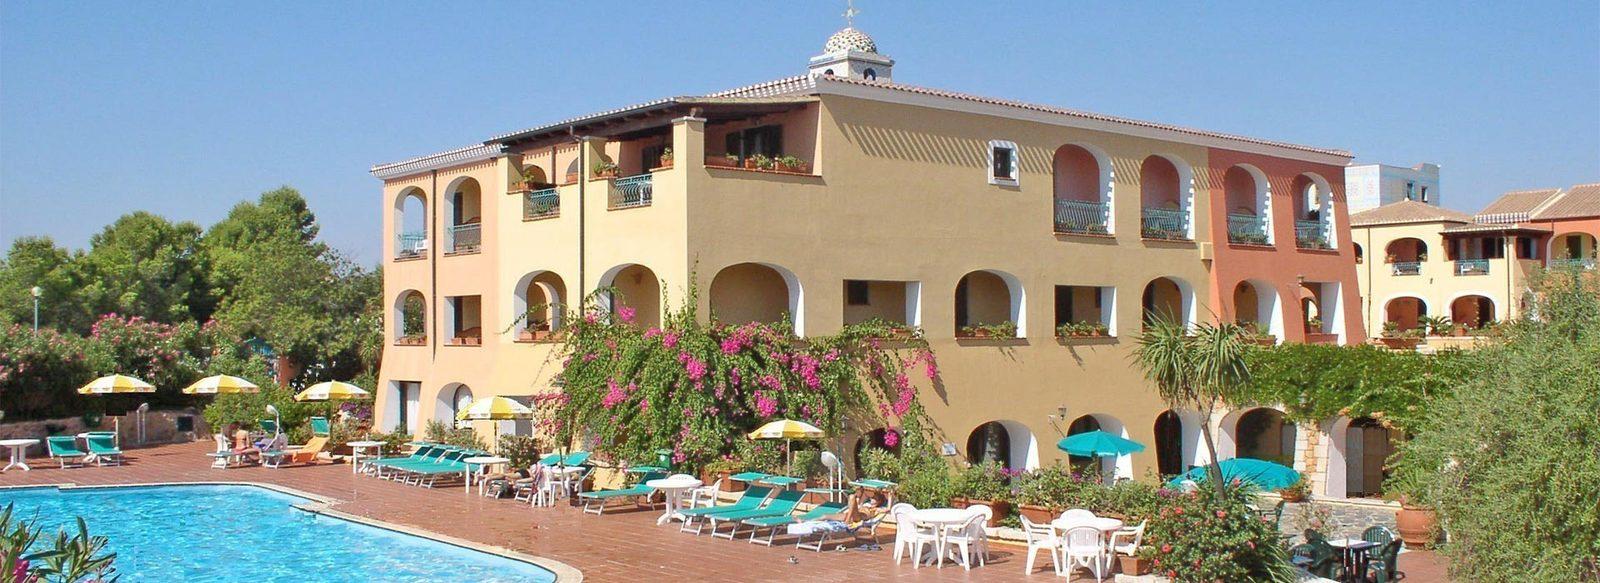 Elegante e raffinato Family Hotel, ottima cucina, fronte mare